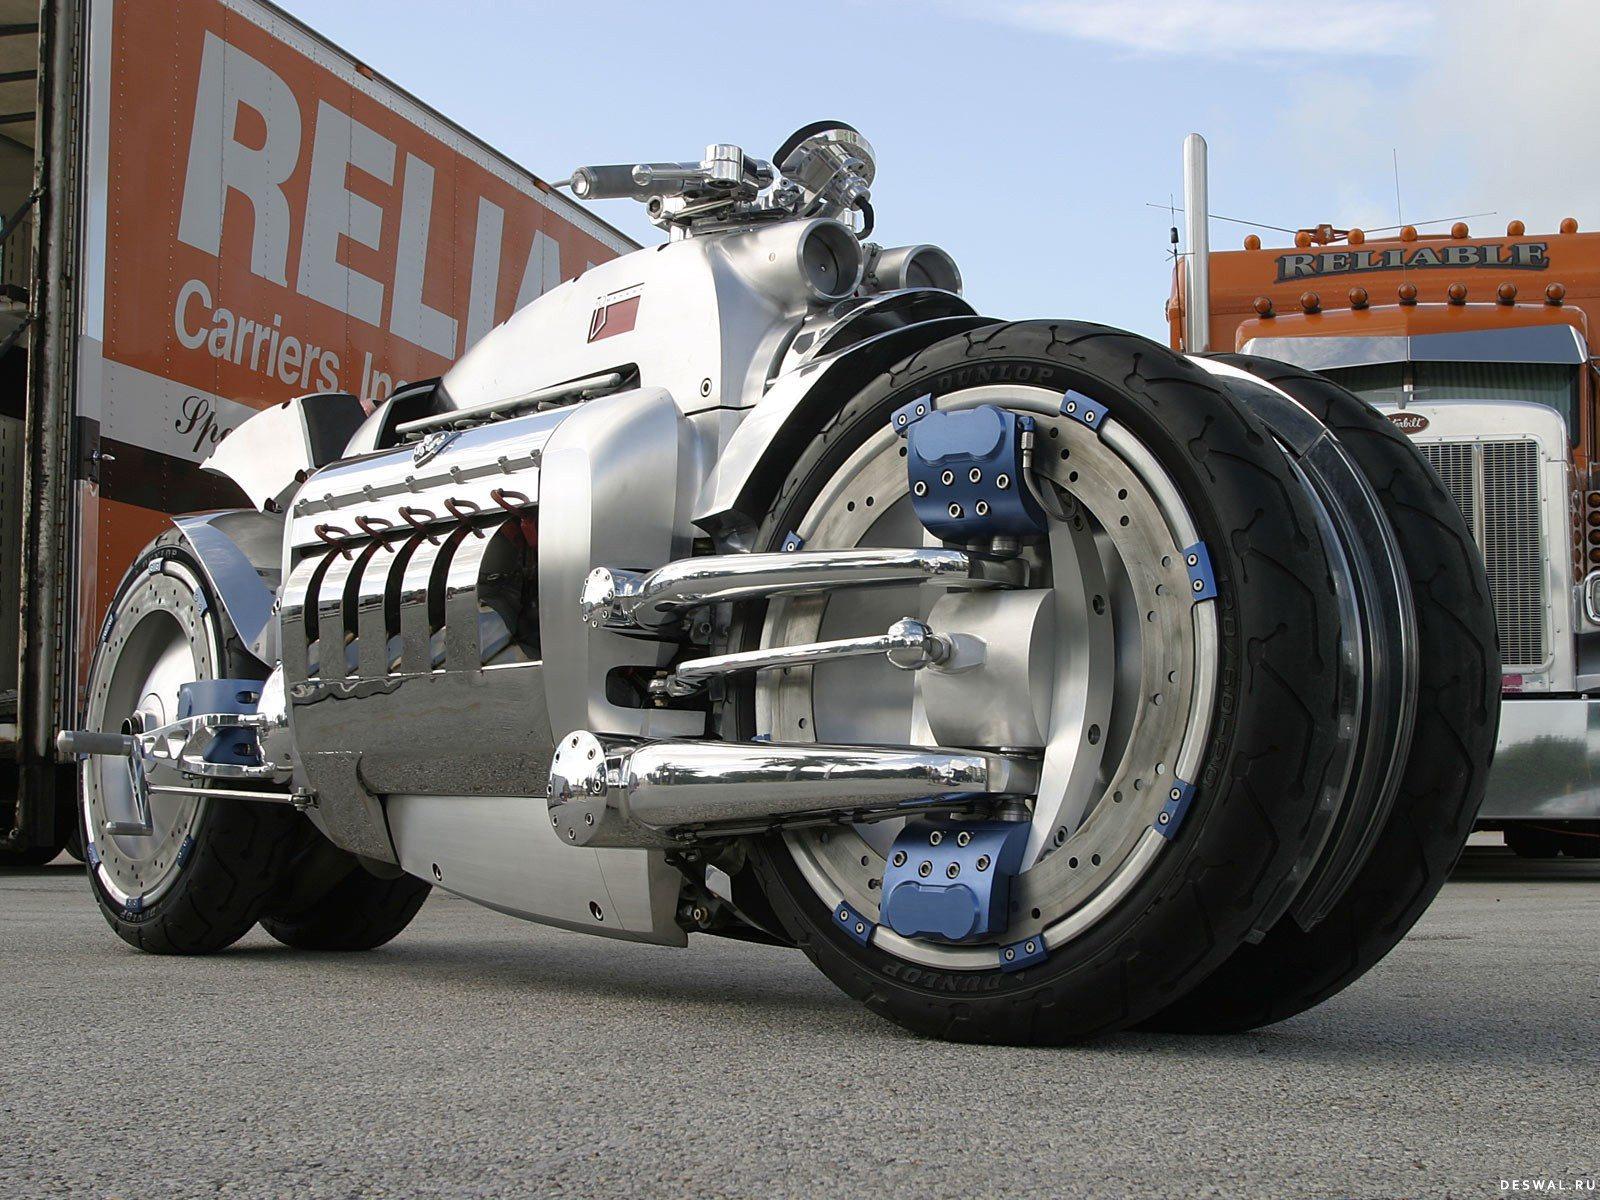 Мото Додж на замечательной картинке.. Нажмите на картинку с обоями мотоцикла doge, чтобы просмотреть ее в реальном размере